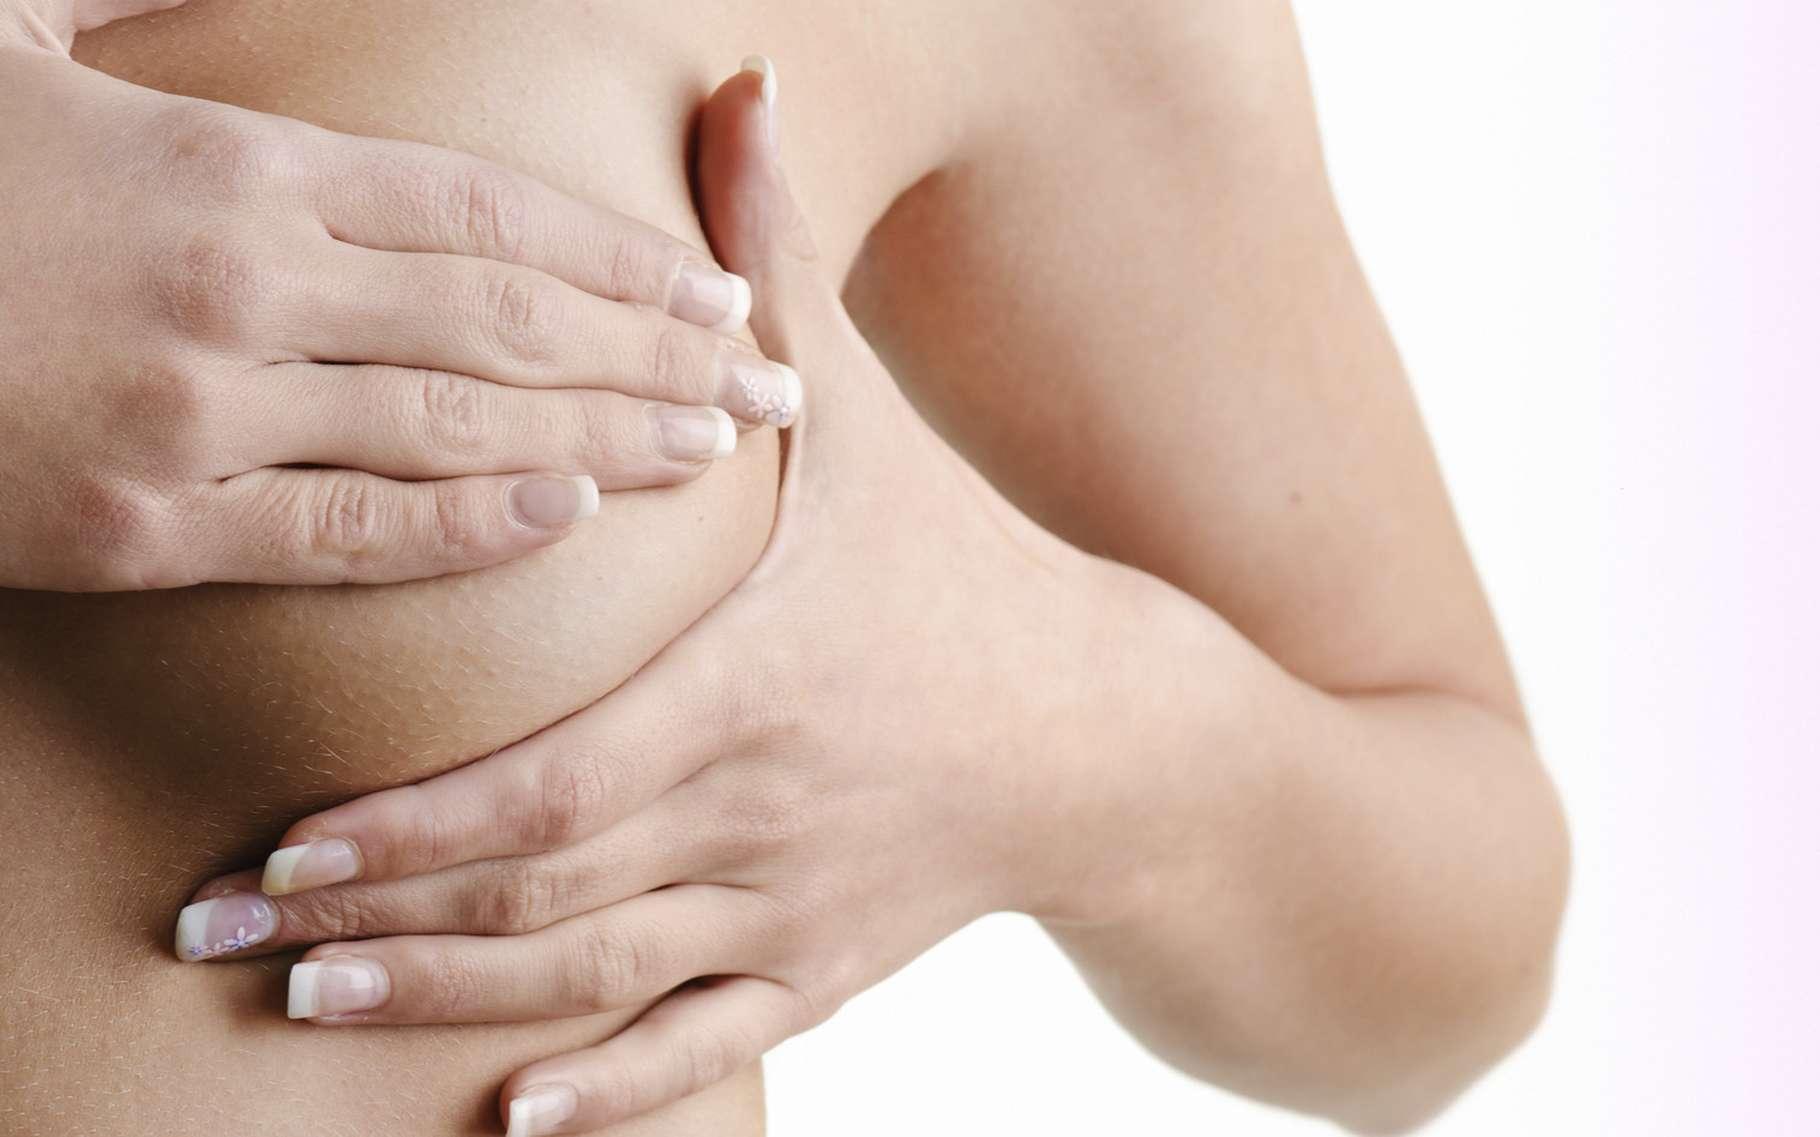 En chirurgie, l'augmentation mammaire est souvent souhaitée dans un but esthétique. © Milan Ilic Photographer, Shuterstock